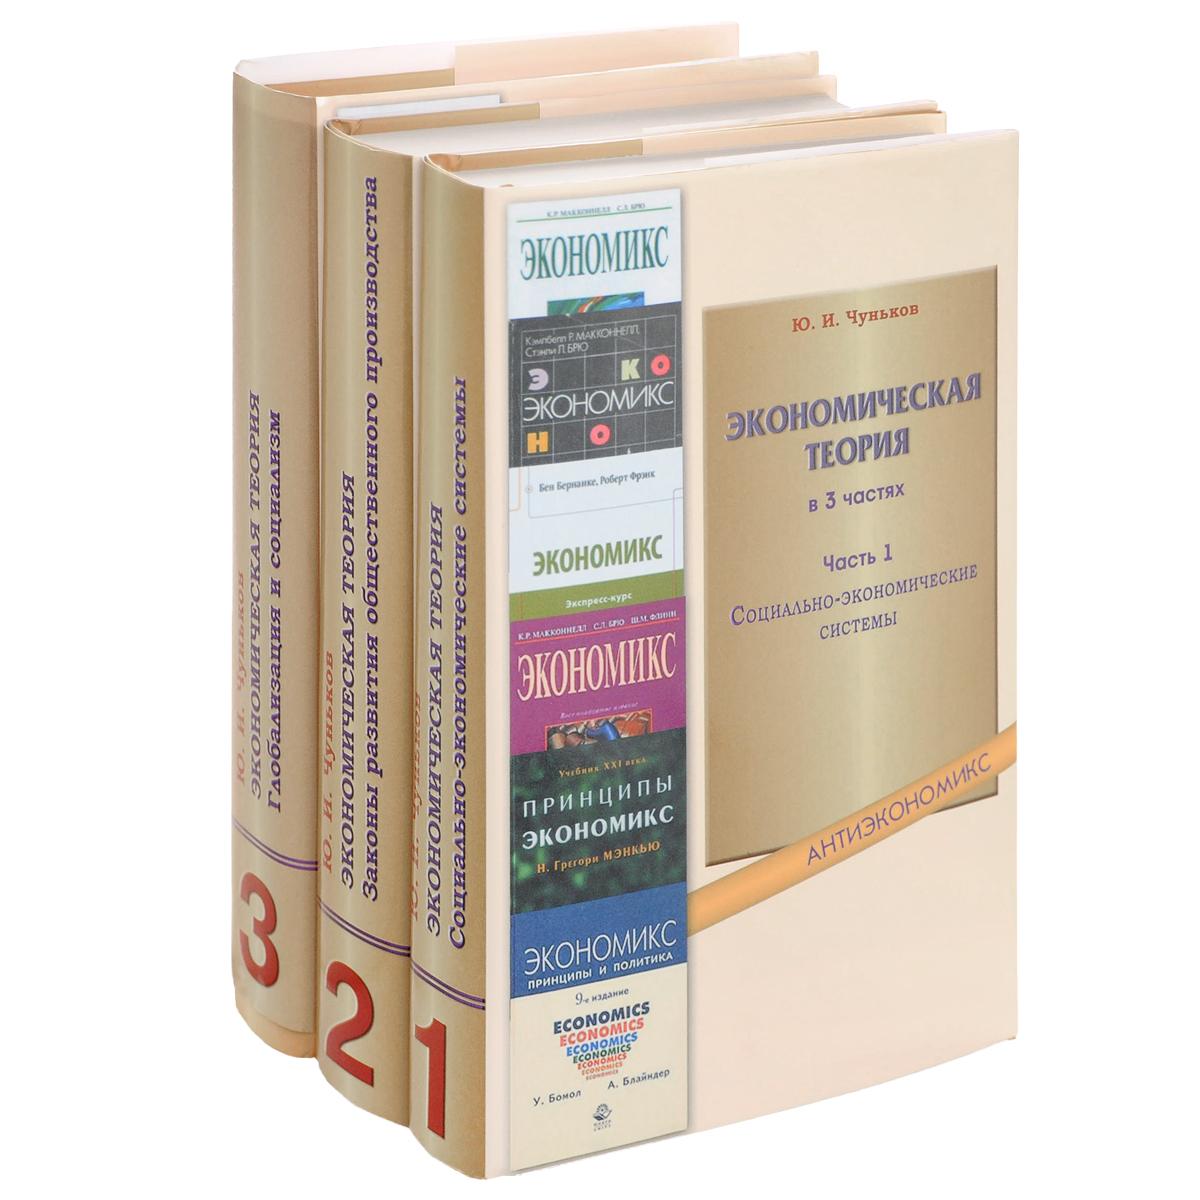 Экономическая теория. Учебное пособие. В 3 частях (комплект из 3 книг)